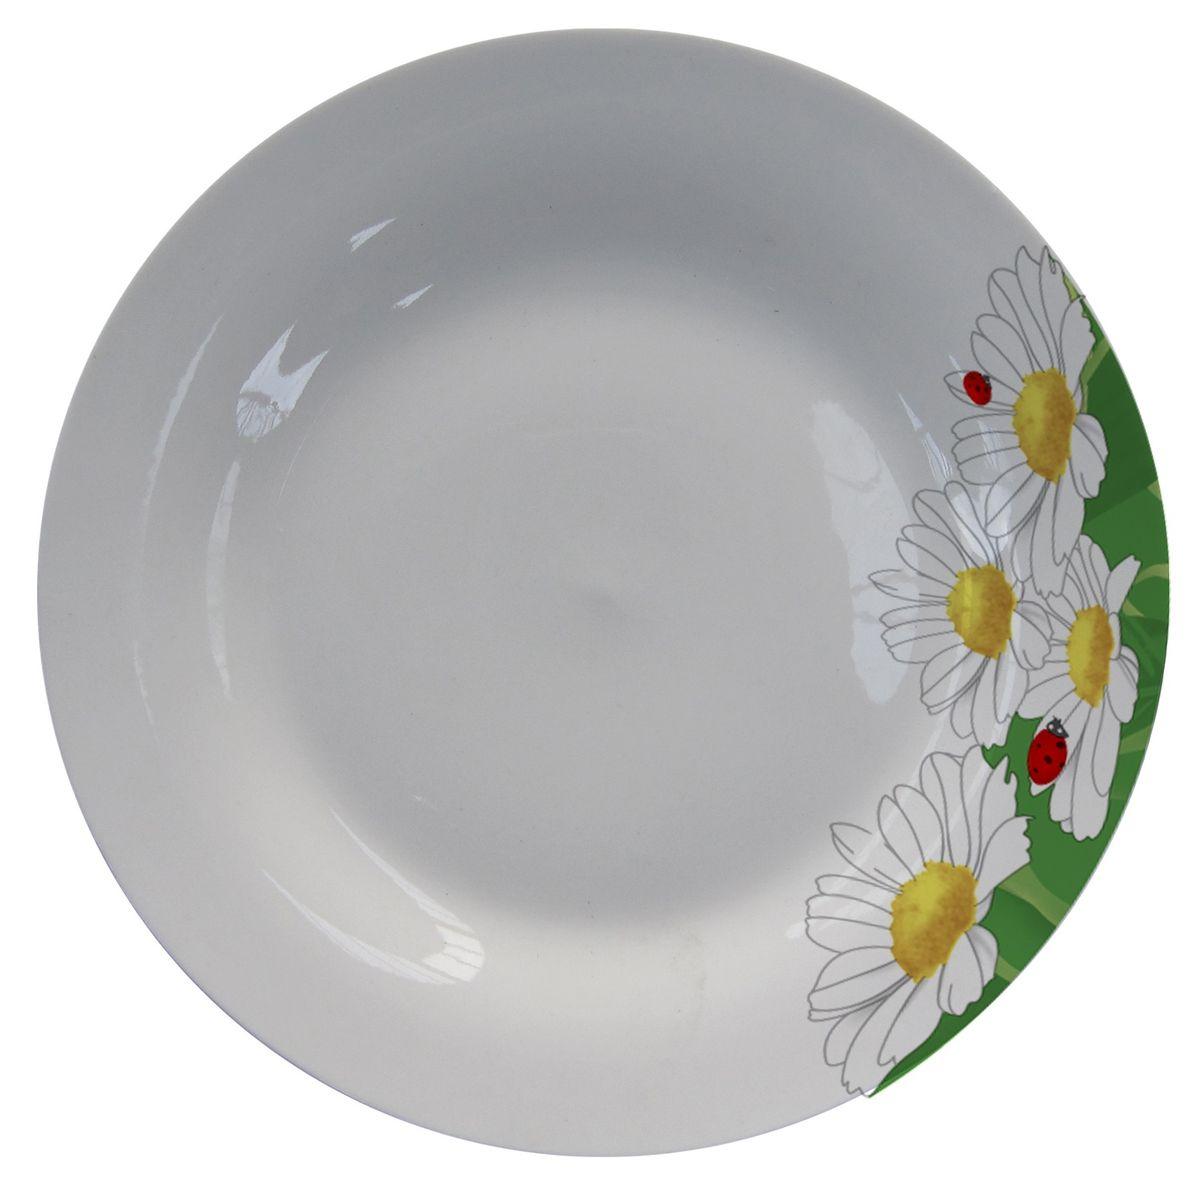 Тарелка МФК-профит Ромашки, диаметр 18 смMFK09011Тарелка МФК-профит, изготовленная из стеклокерамики, украшена ярким рисунком. Изящный дизайн придется по вкусу и ценителям классики, и тем, кто предпочитает утонченность.Такая тарелка идеально подойдет для сервировки стола и станет отличным подарком к любому празднику.